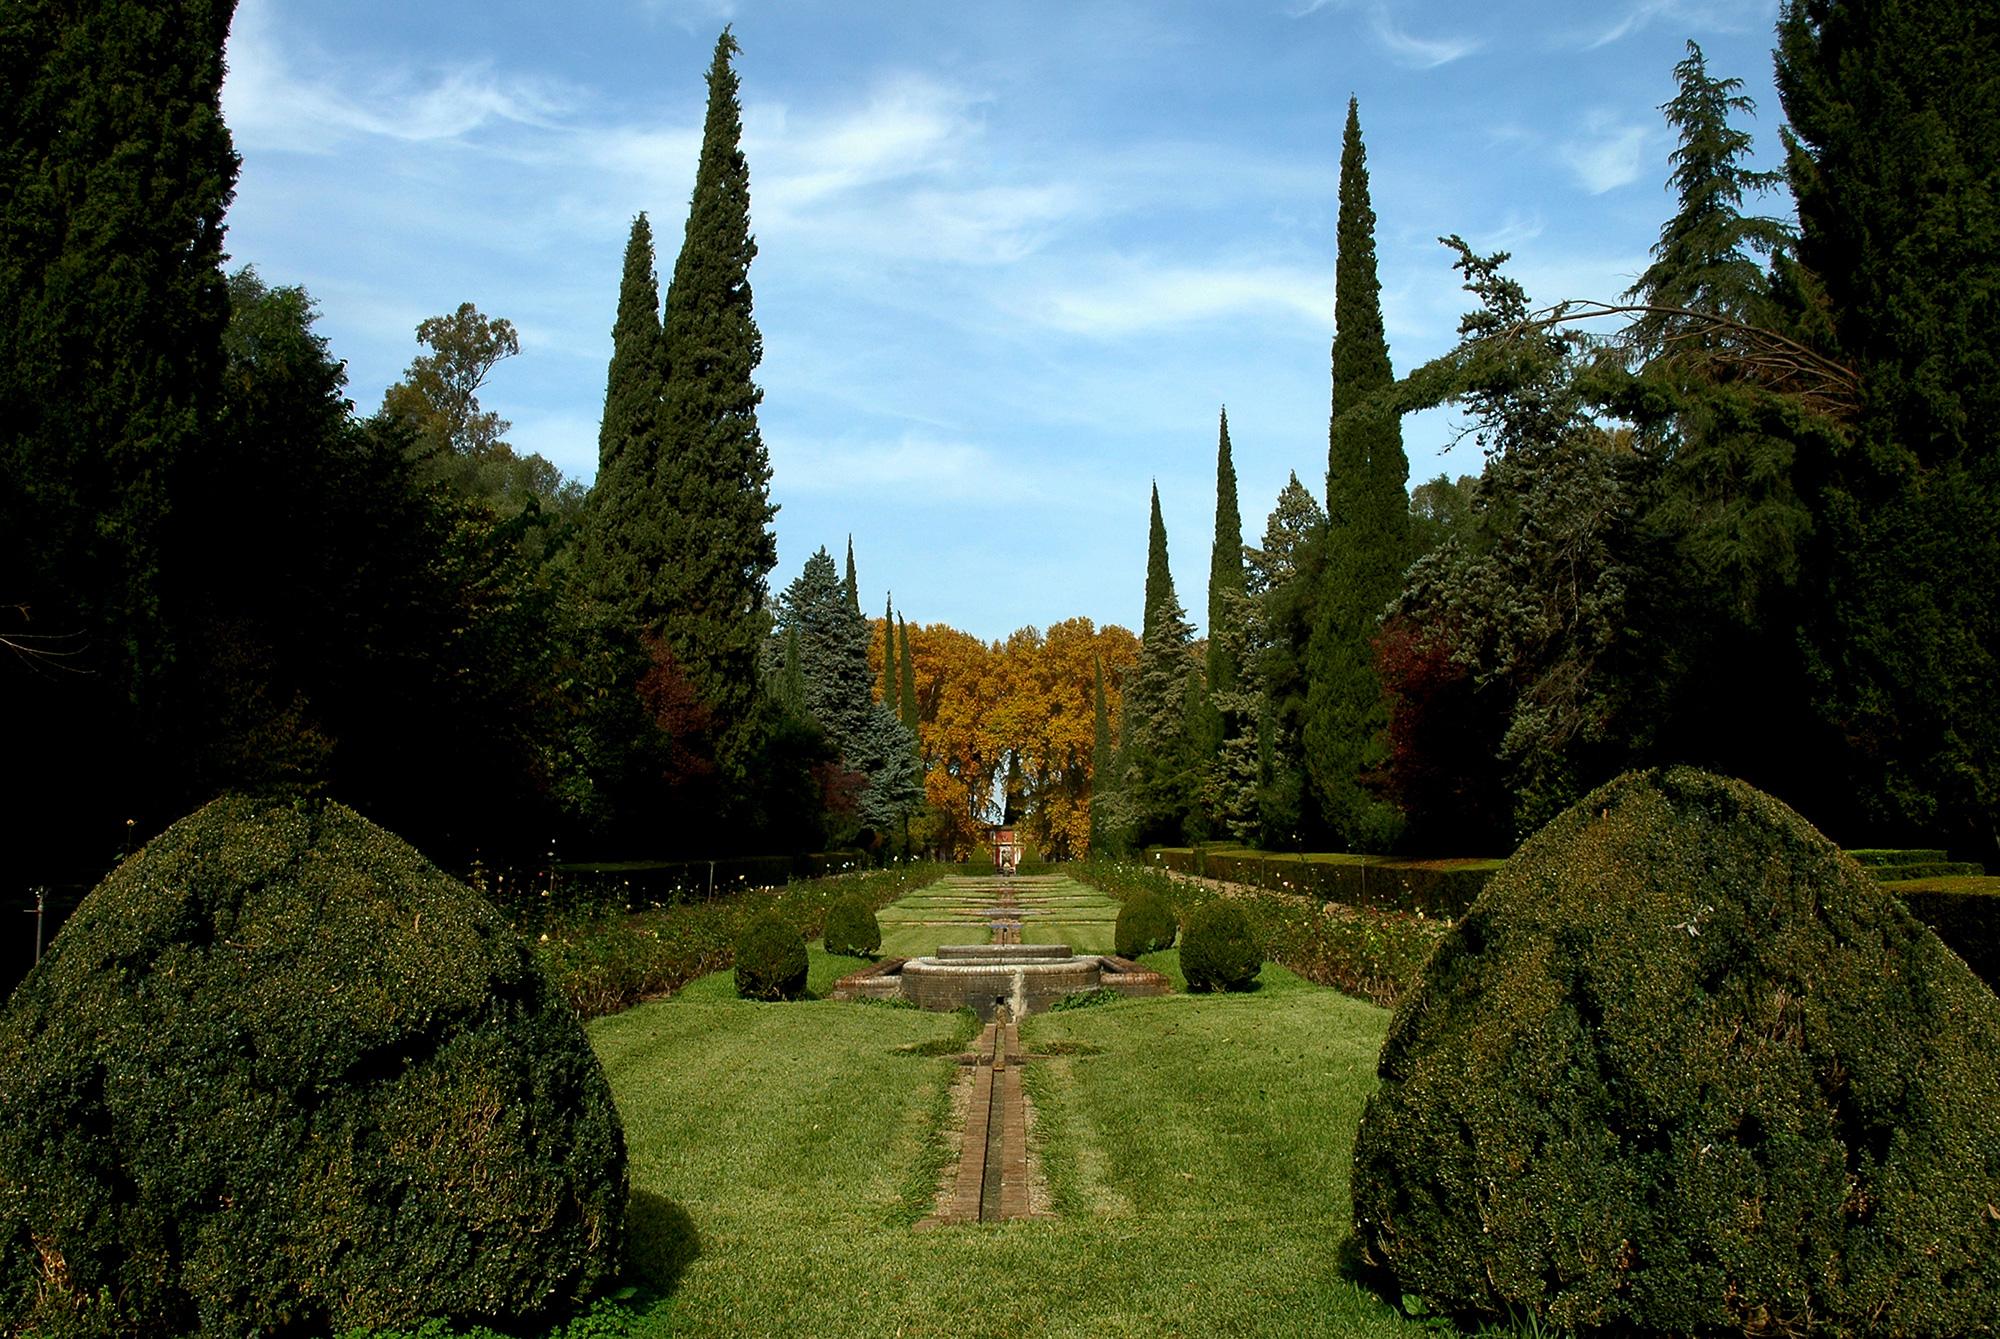 Visita a los jardines y palacio de moratalla amigos de for Jardines en cordoba capital